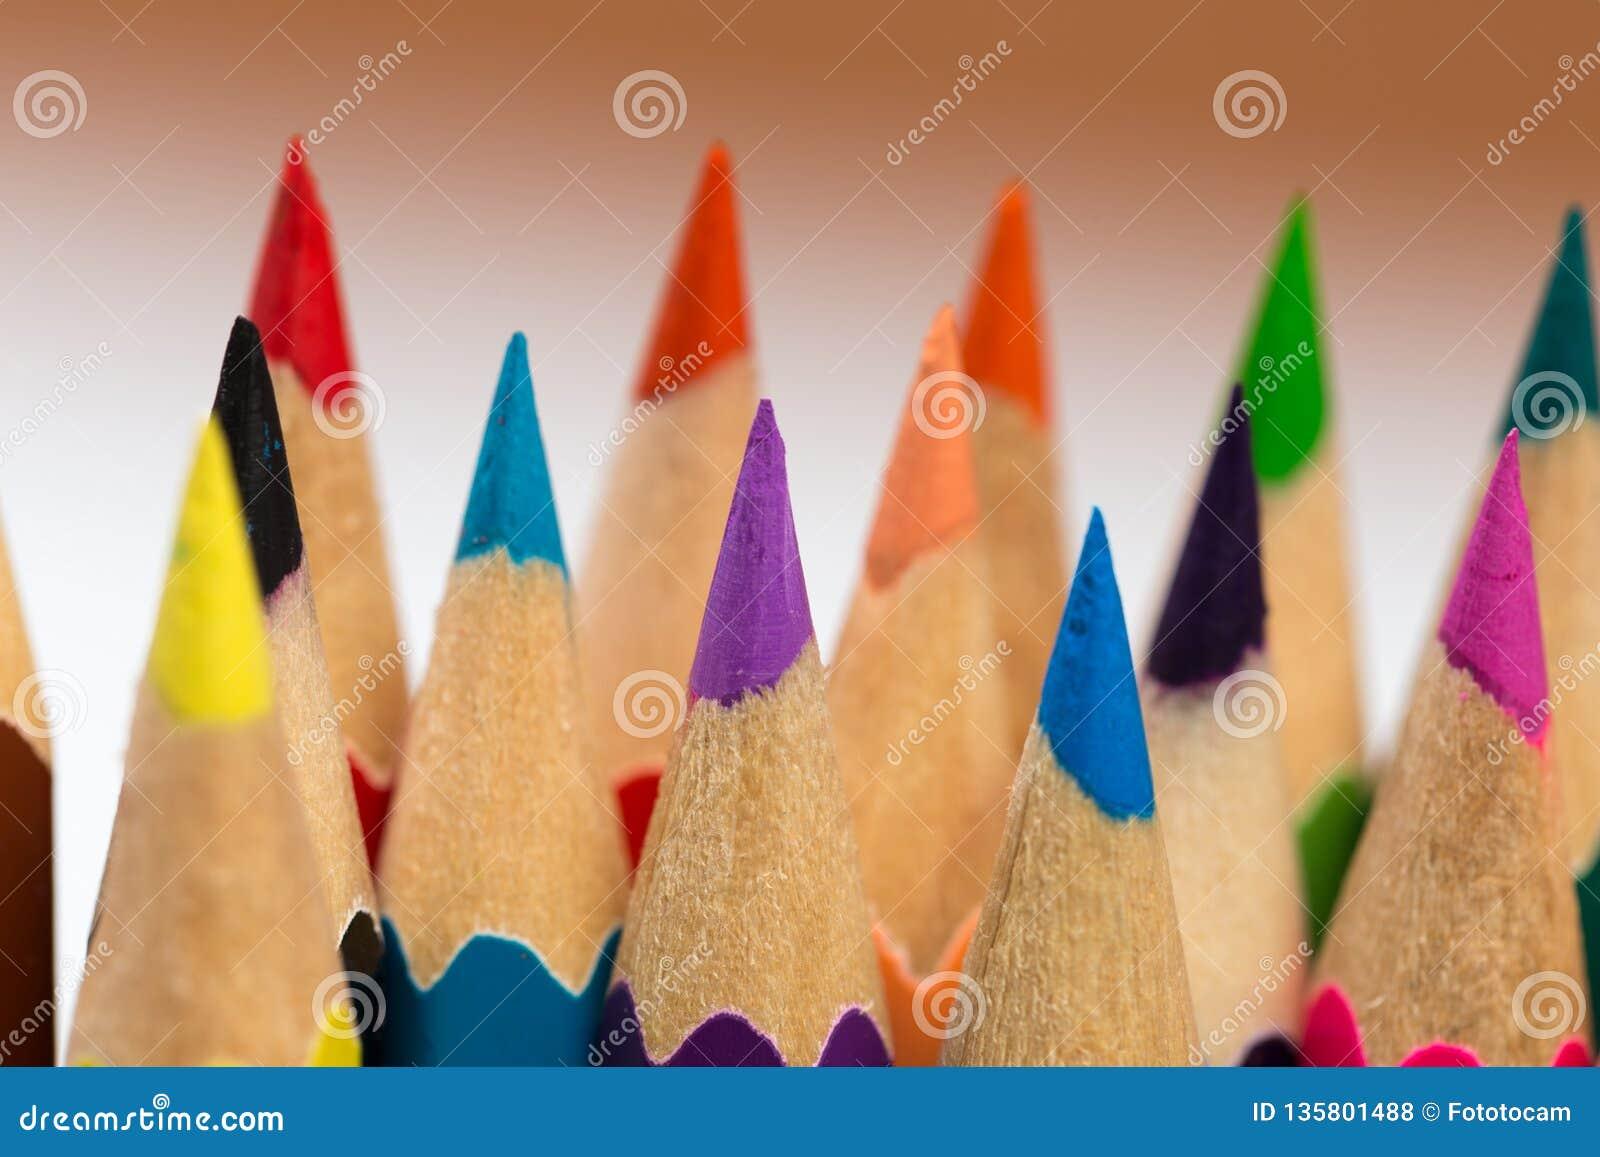 上色削尖铅笔